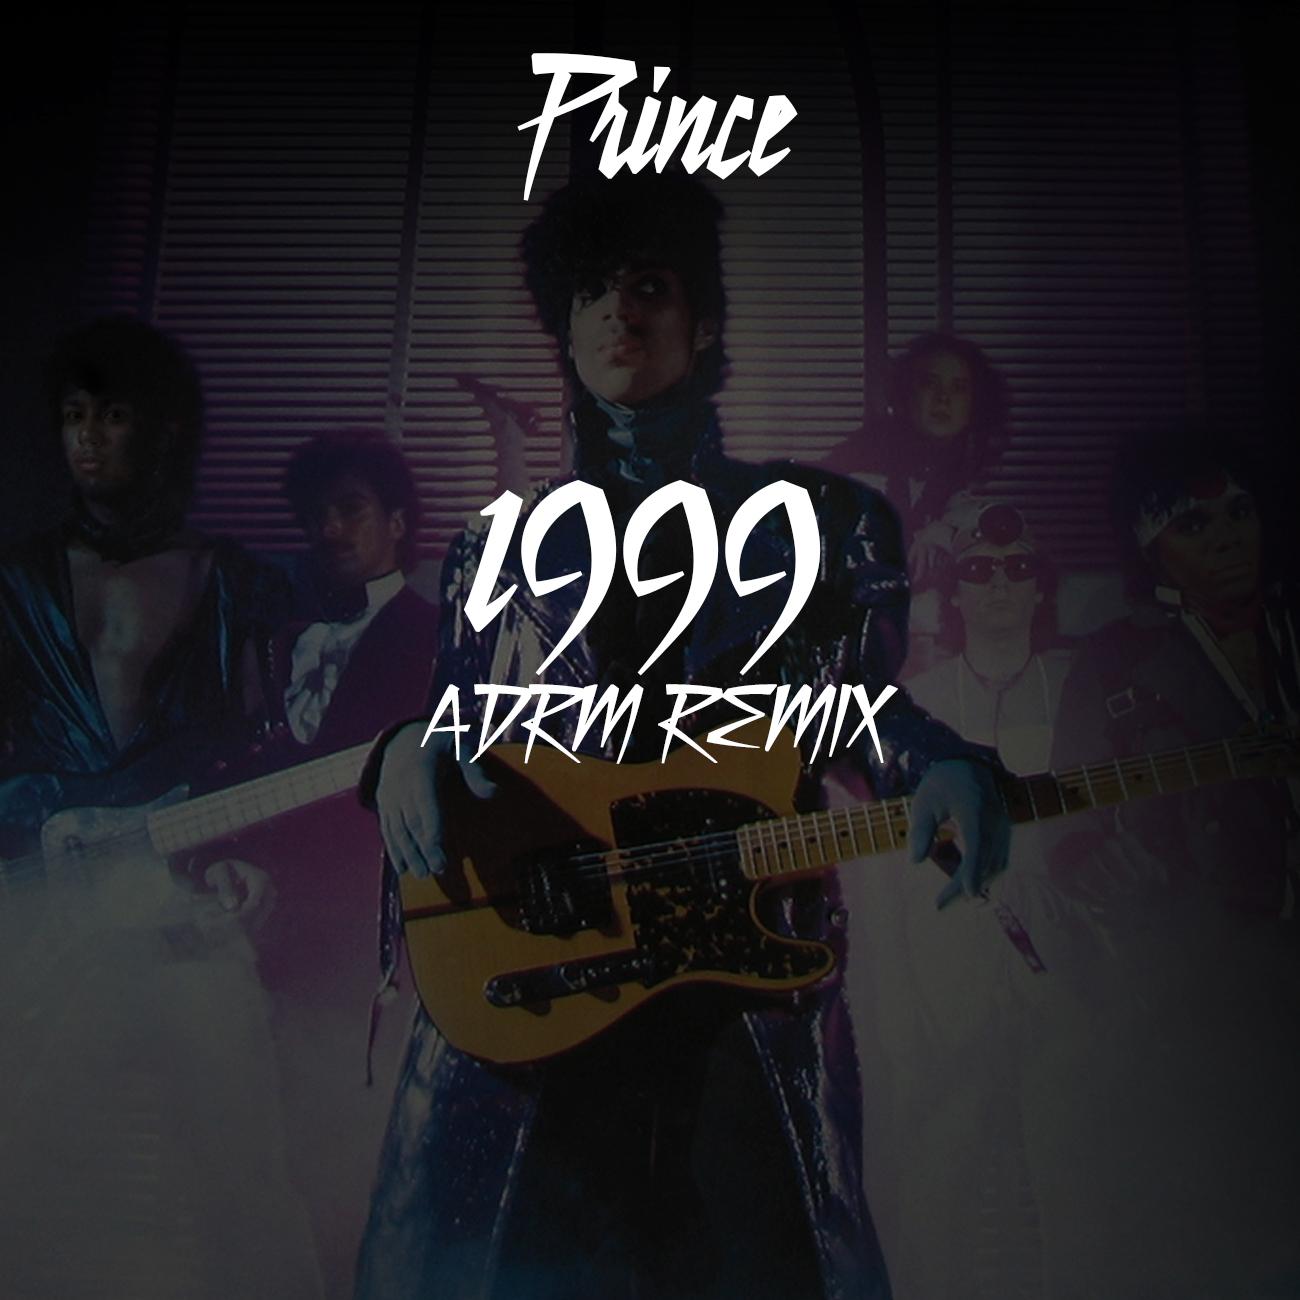 1999_ADRM_Prince_Cover_Art_1000